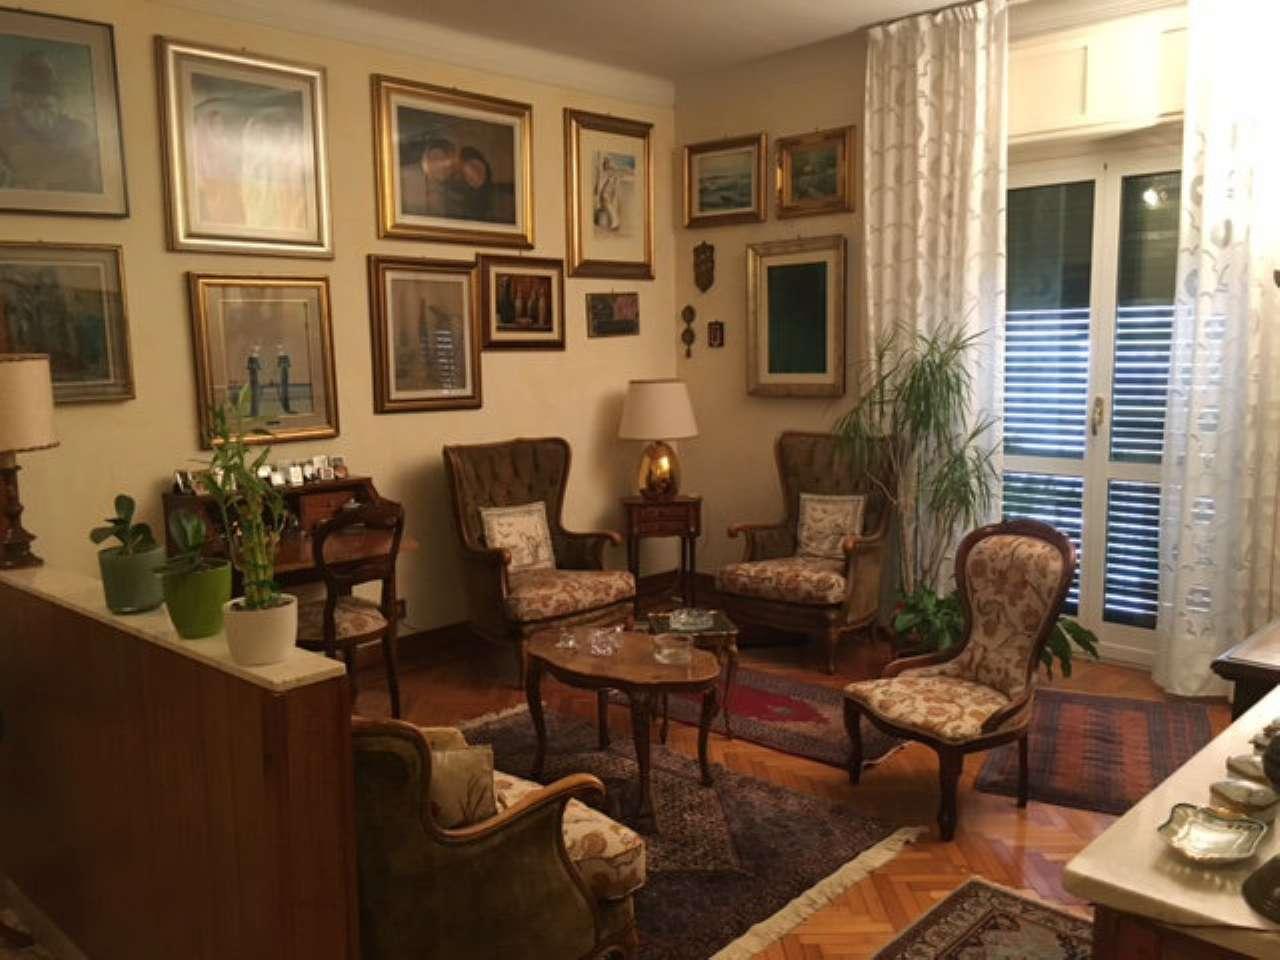 Appartamento in vendita a Alessandria, 4 locali, prezzo € 110.000 | CambioCasa.it